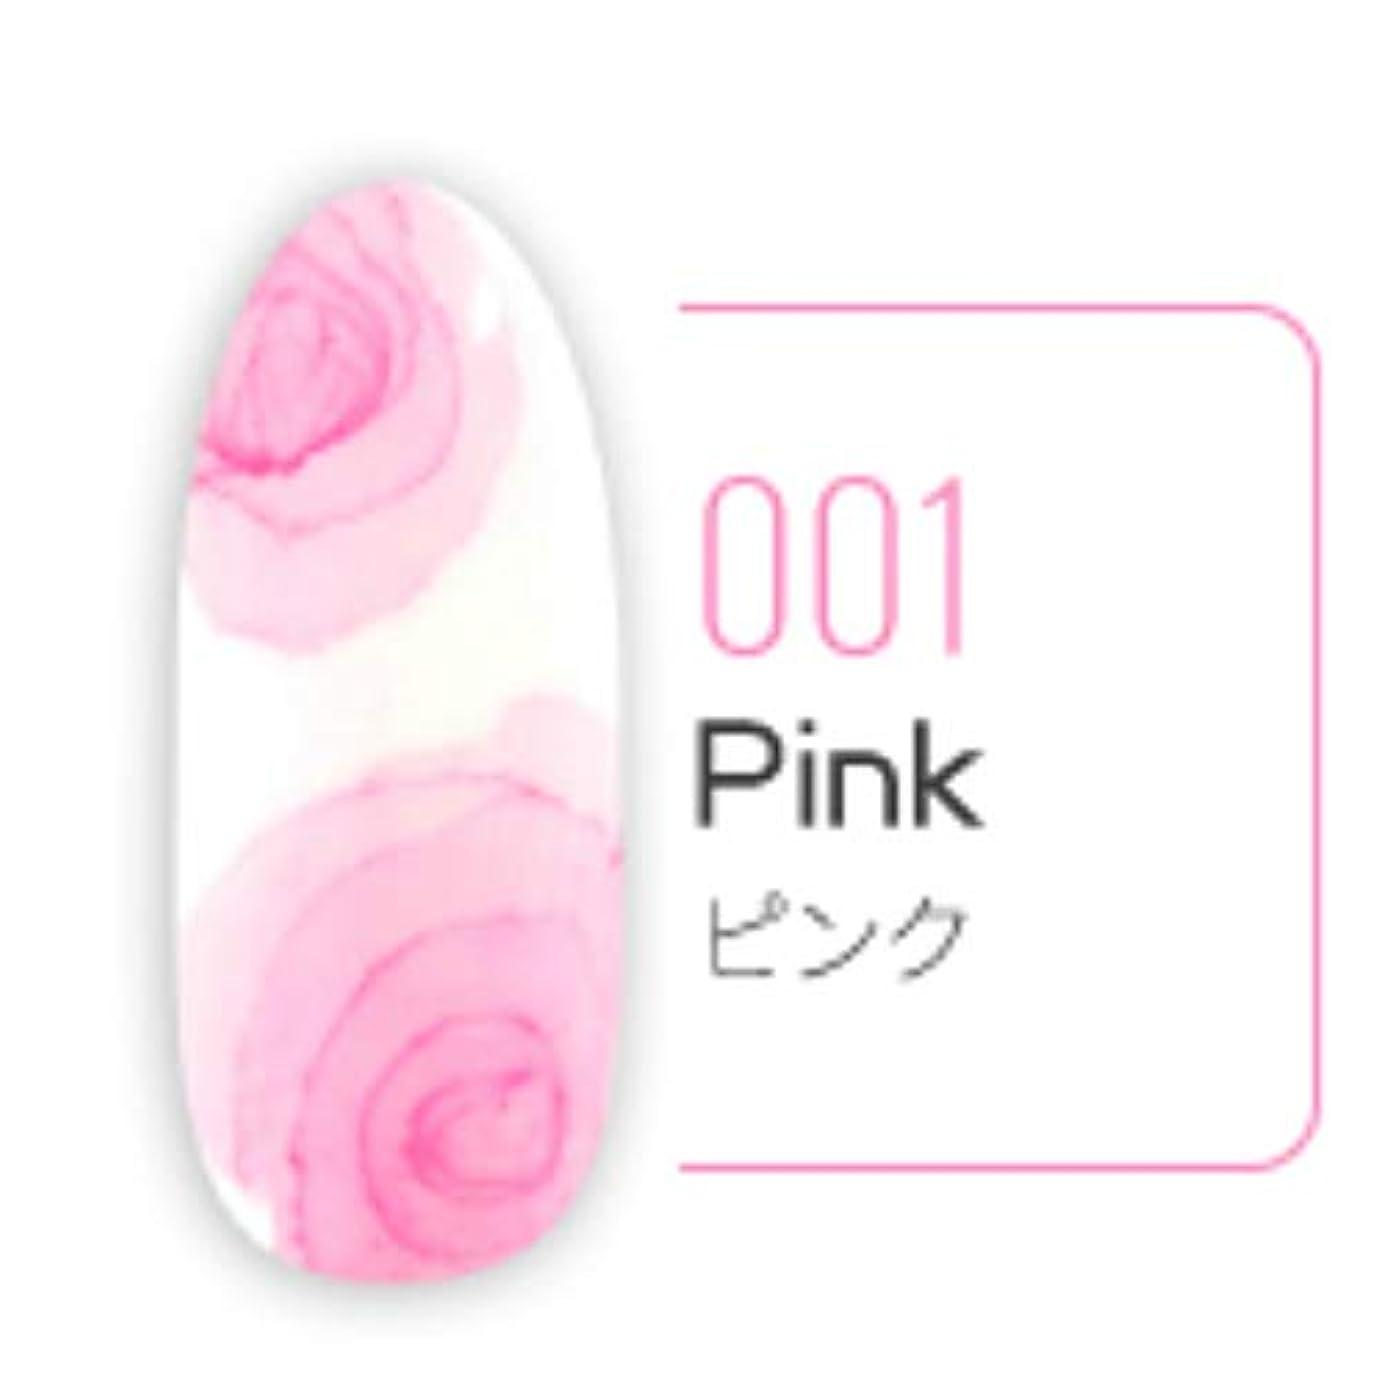 人里離れた息子怖がって死ぬ【ポリッシュカラージェルプレゼント付き】送料無料 ネイル マーブルリキッド カラーインク 10ml【全12色】 (Pink)